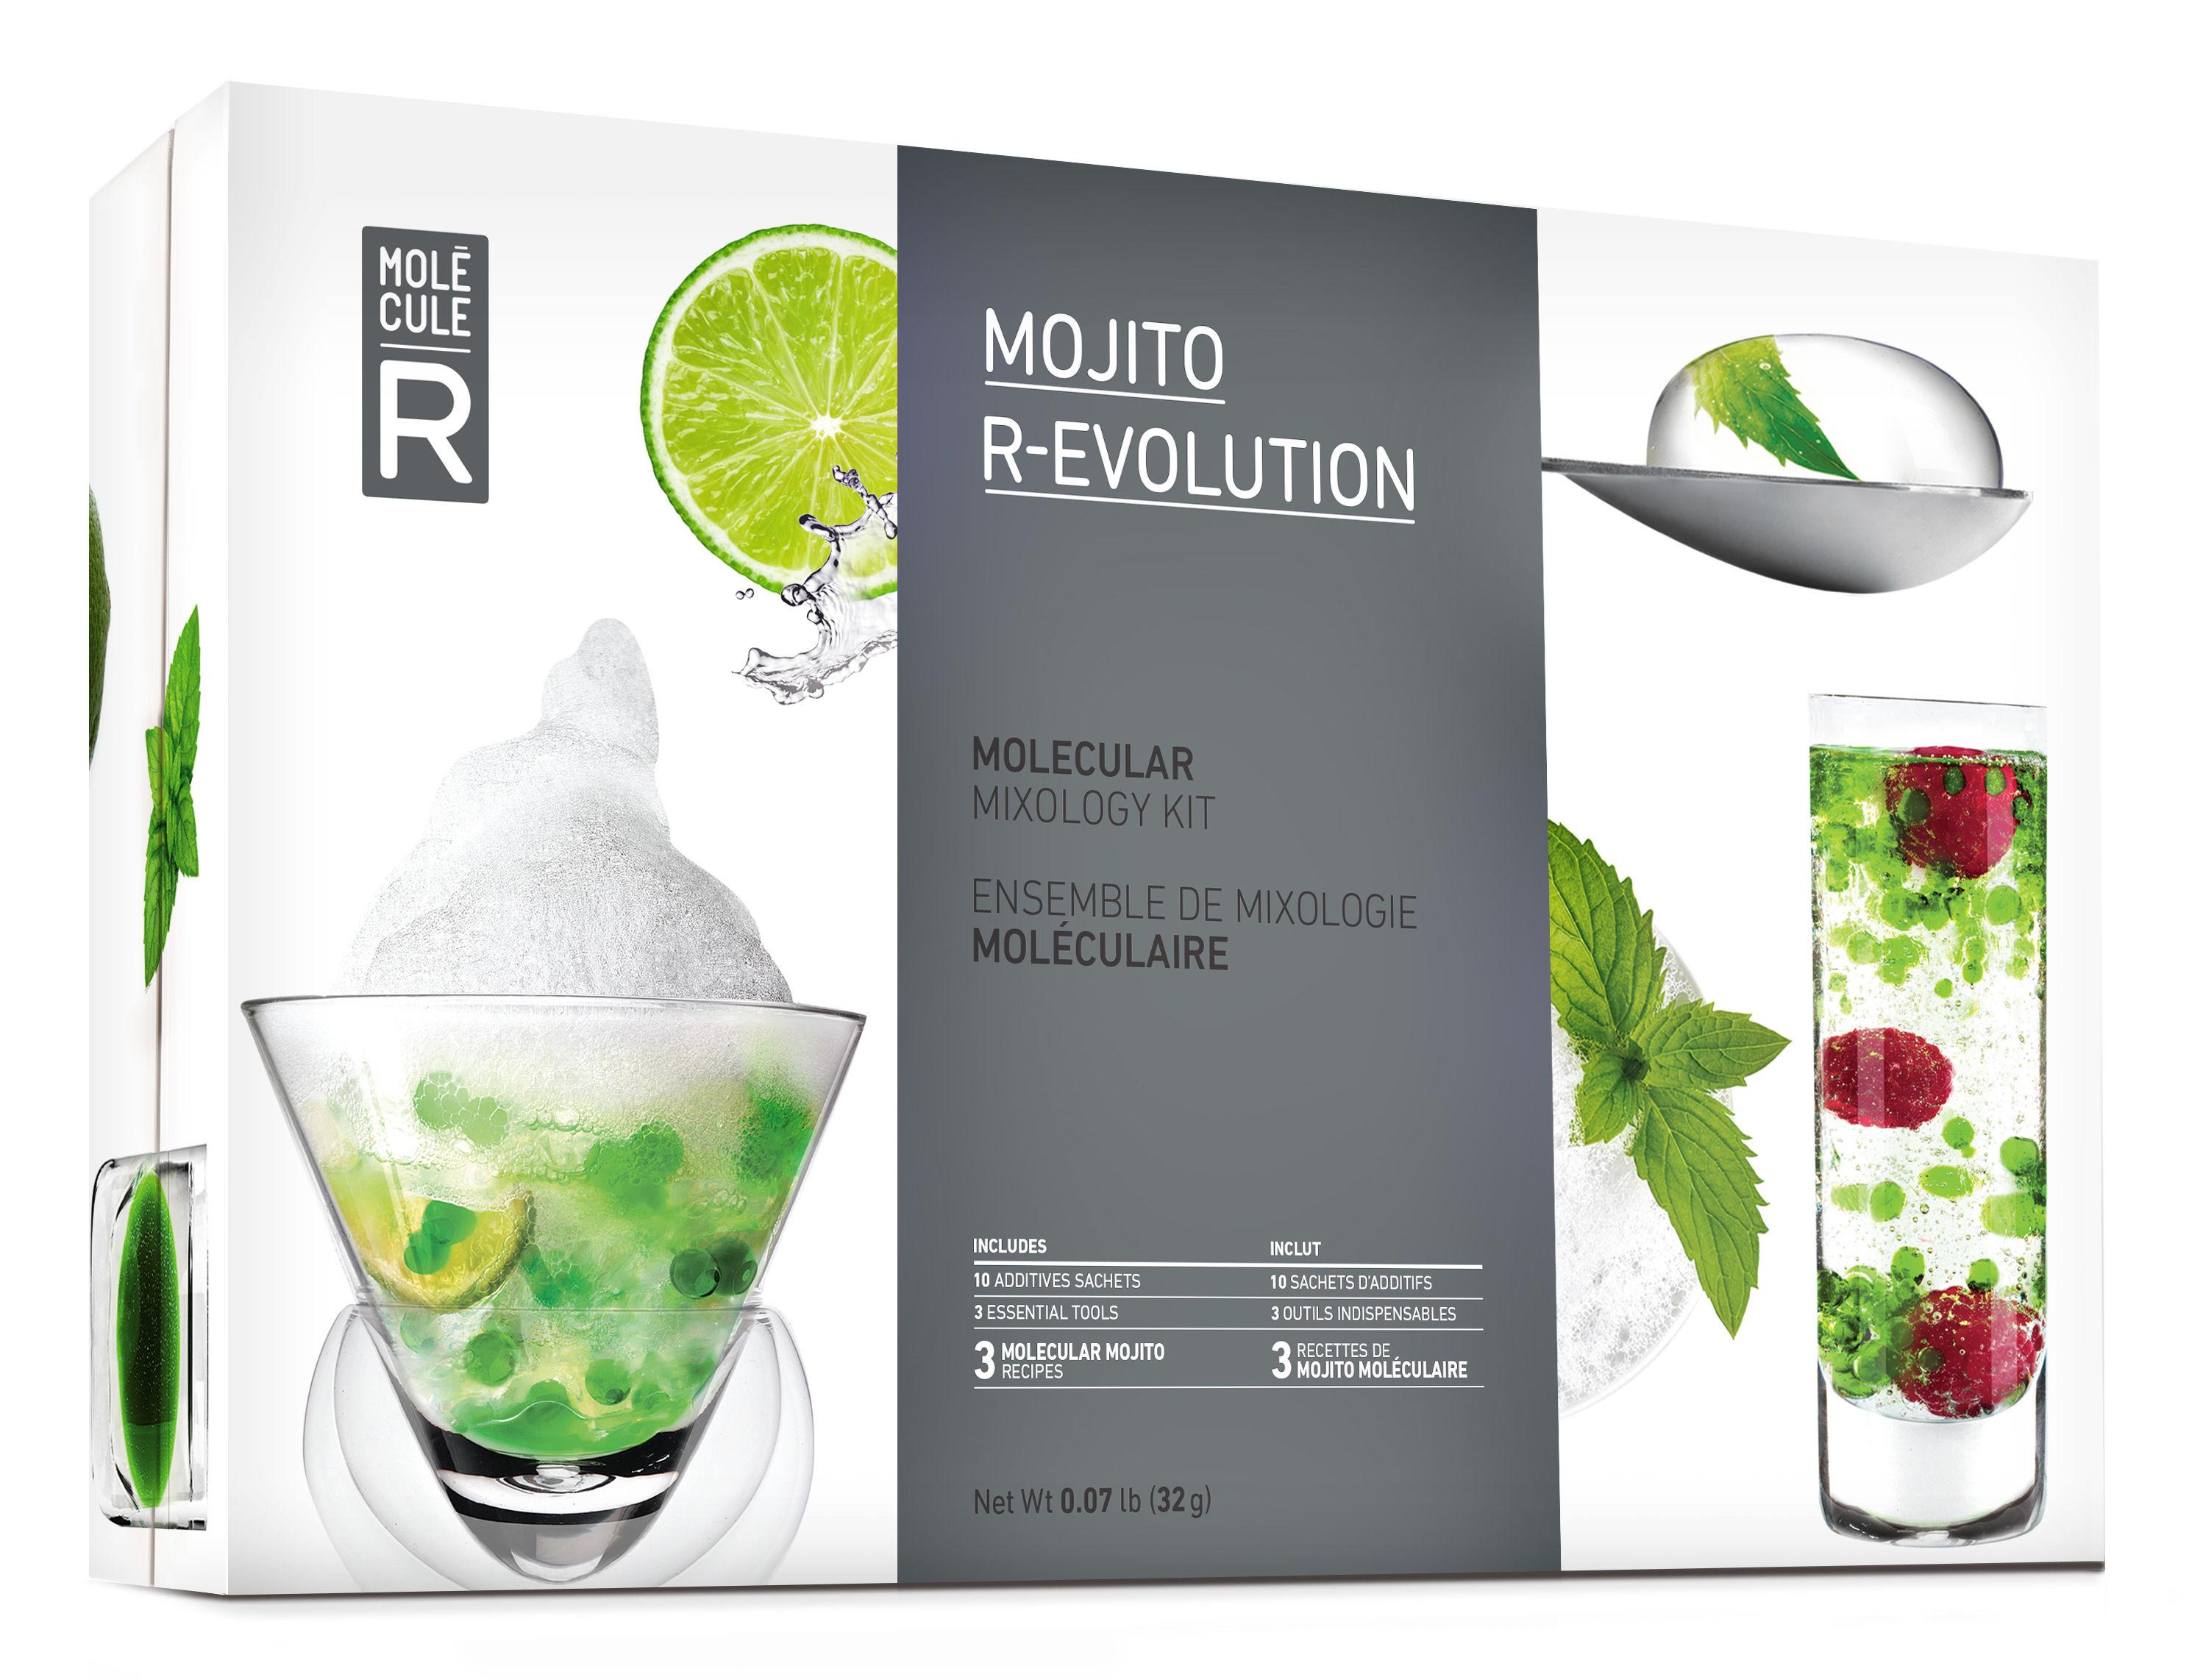 kit cuisine mol culaire mojito r volution mojito mol cule r. Black Bedroom Furniture Sets. Home Design Ideas